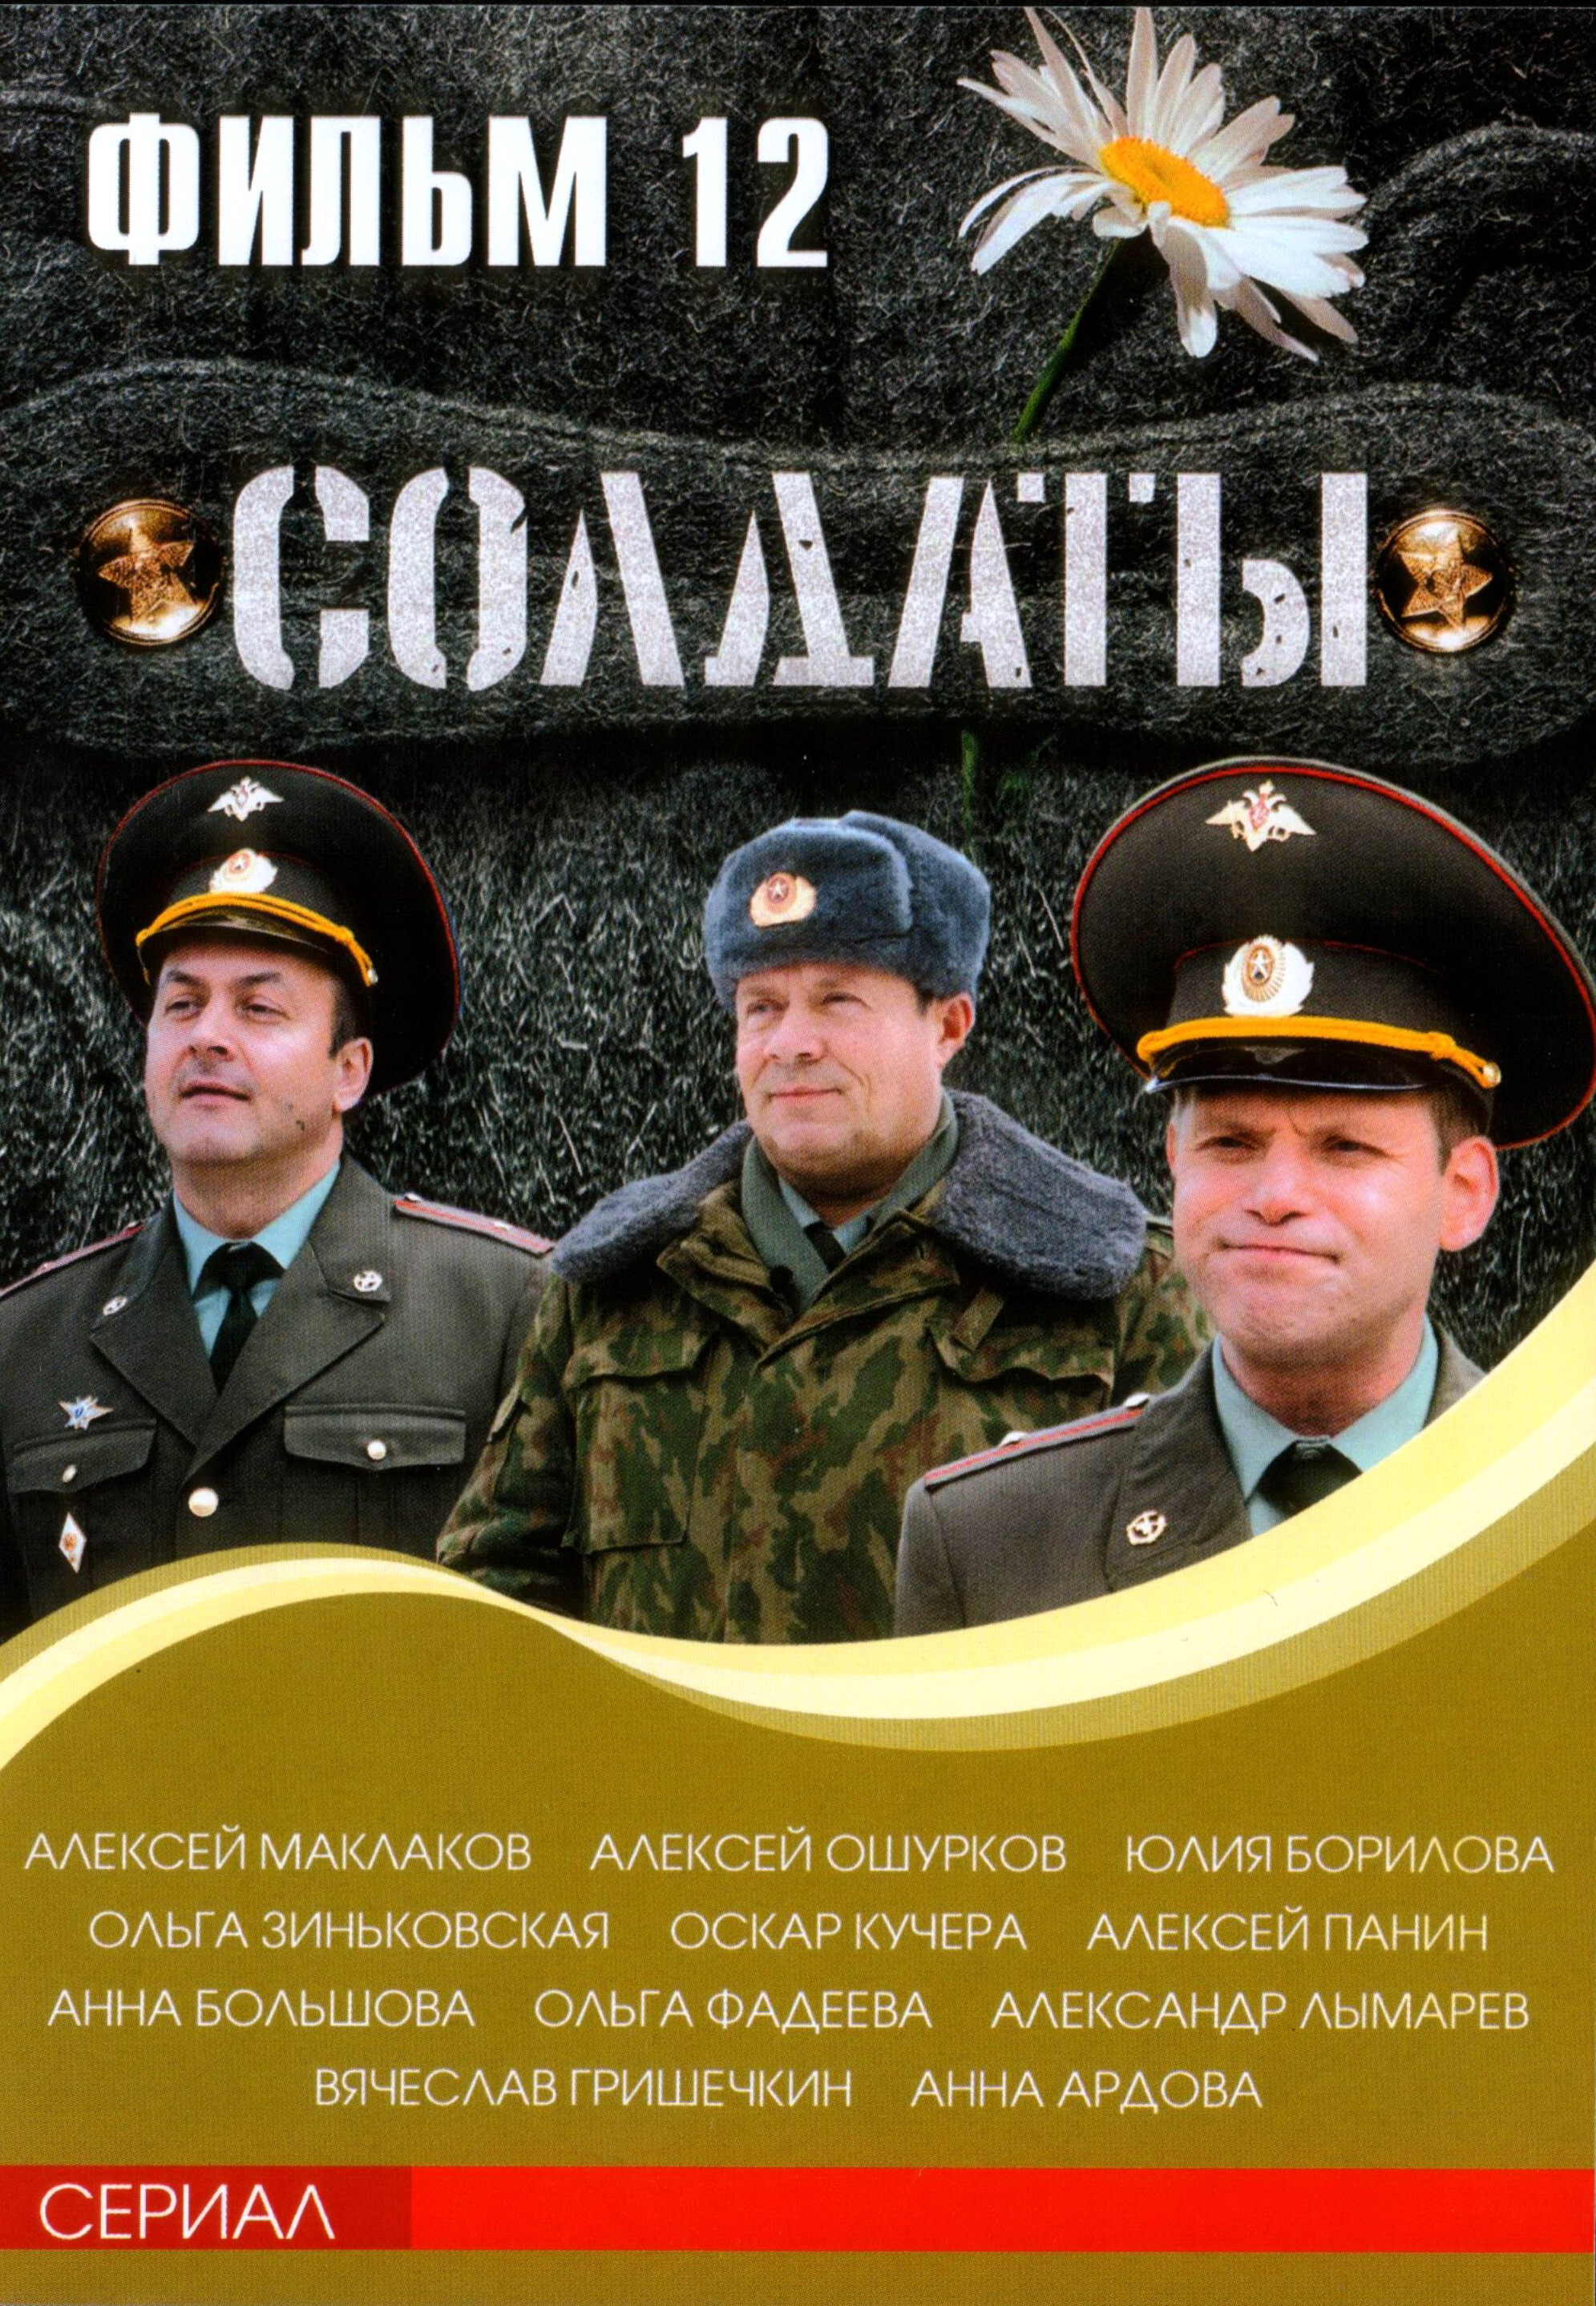 Солдаты смотреть онлайн 27 фотография